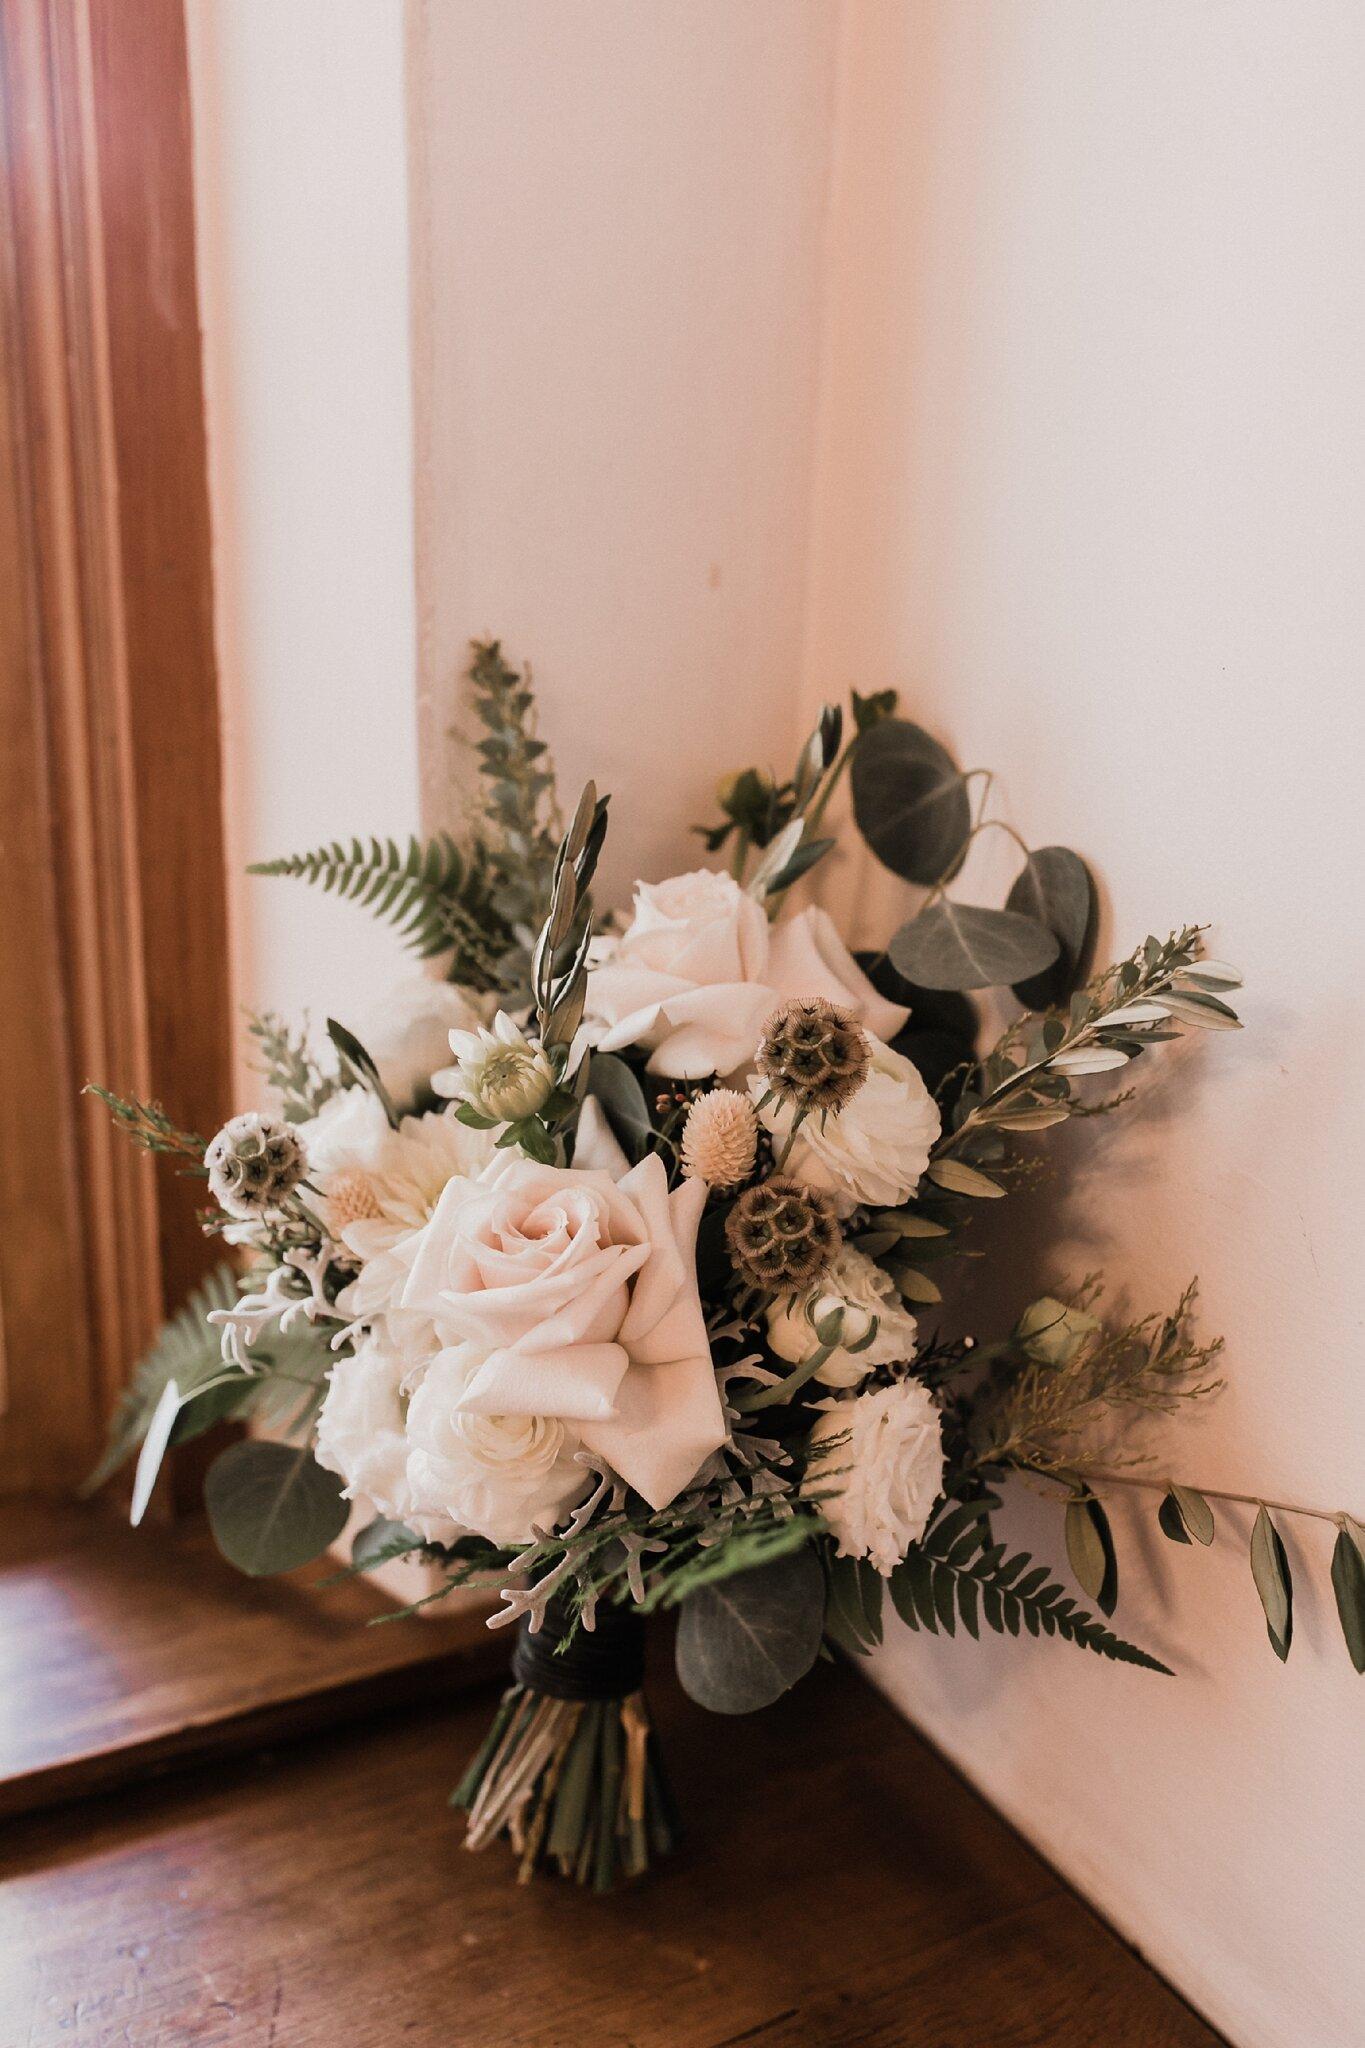 Alicia+lucia+photography+-+albuquerque+wedding+photographer+-+santa+fe+wedding+photography+-+new+mexico+wedding+photographer+-+new+mexico+wedding+-+wedding+-+albuquerque+wedding+-+los+poblanos+-+los+poblanos+wedding+-+fall+wedding_0042.jpg